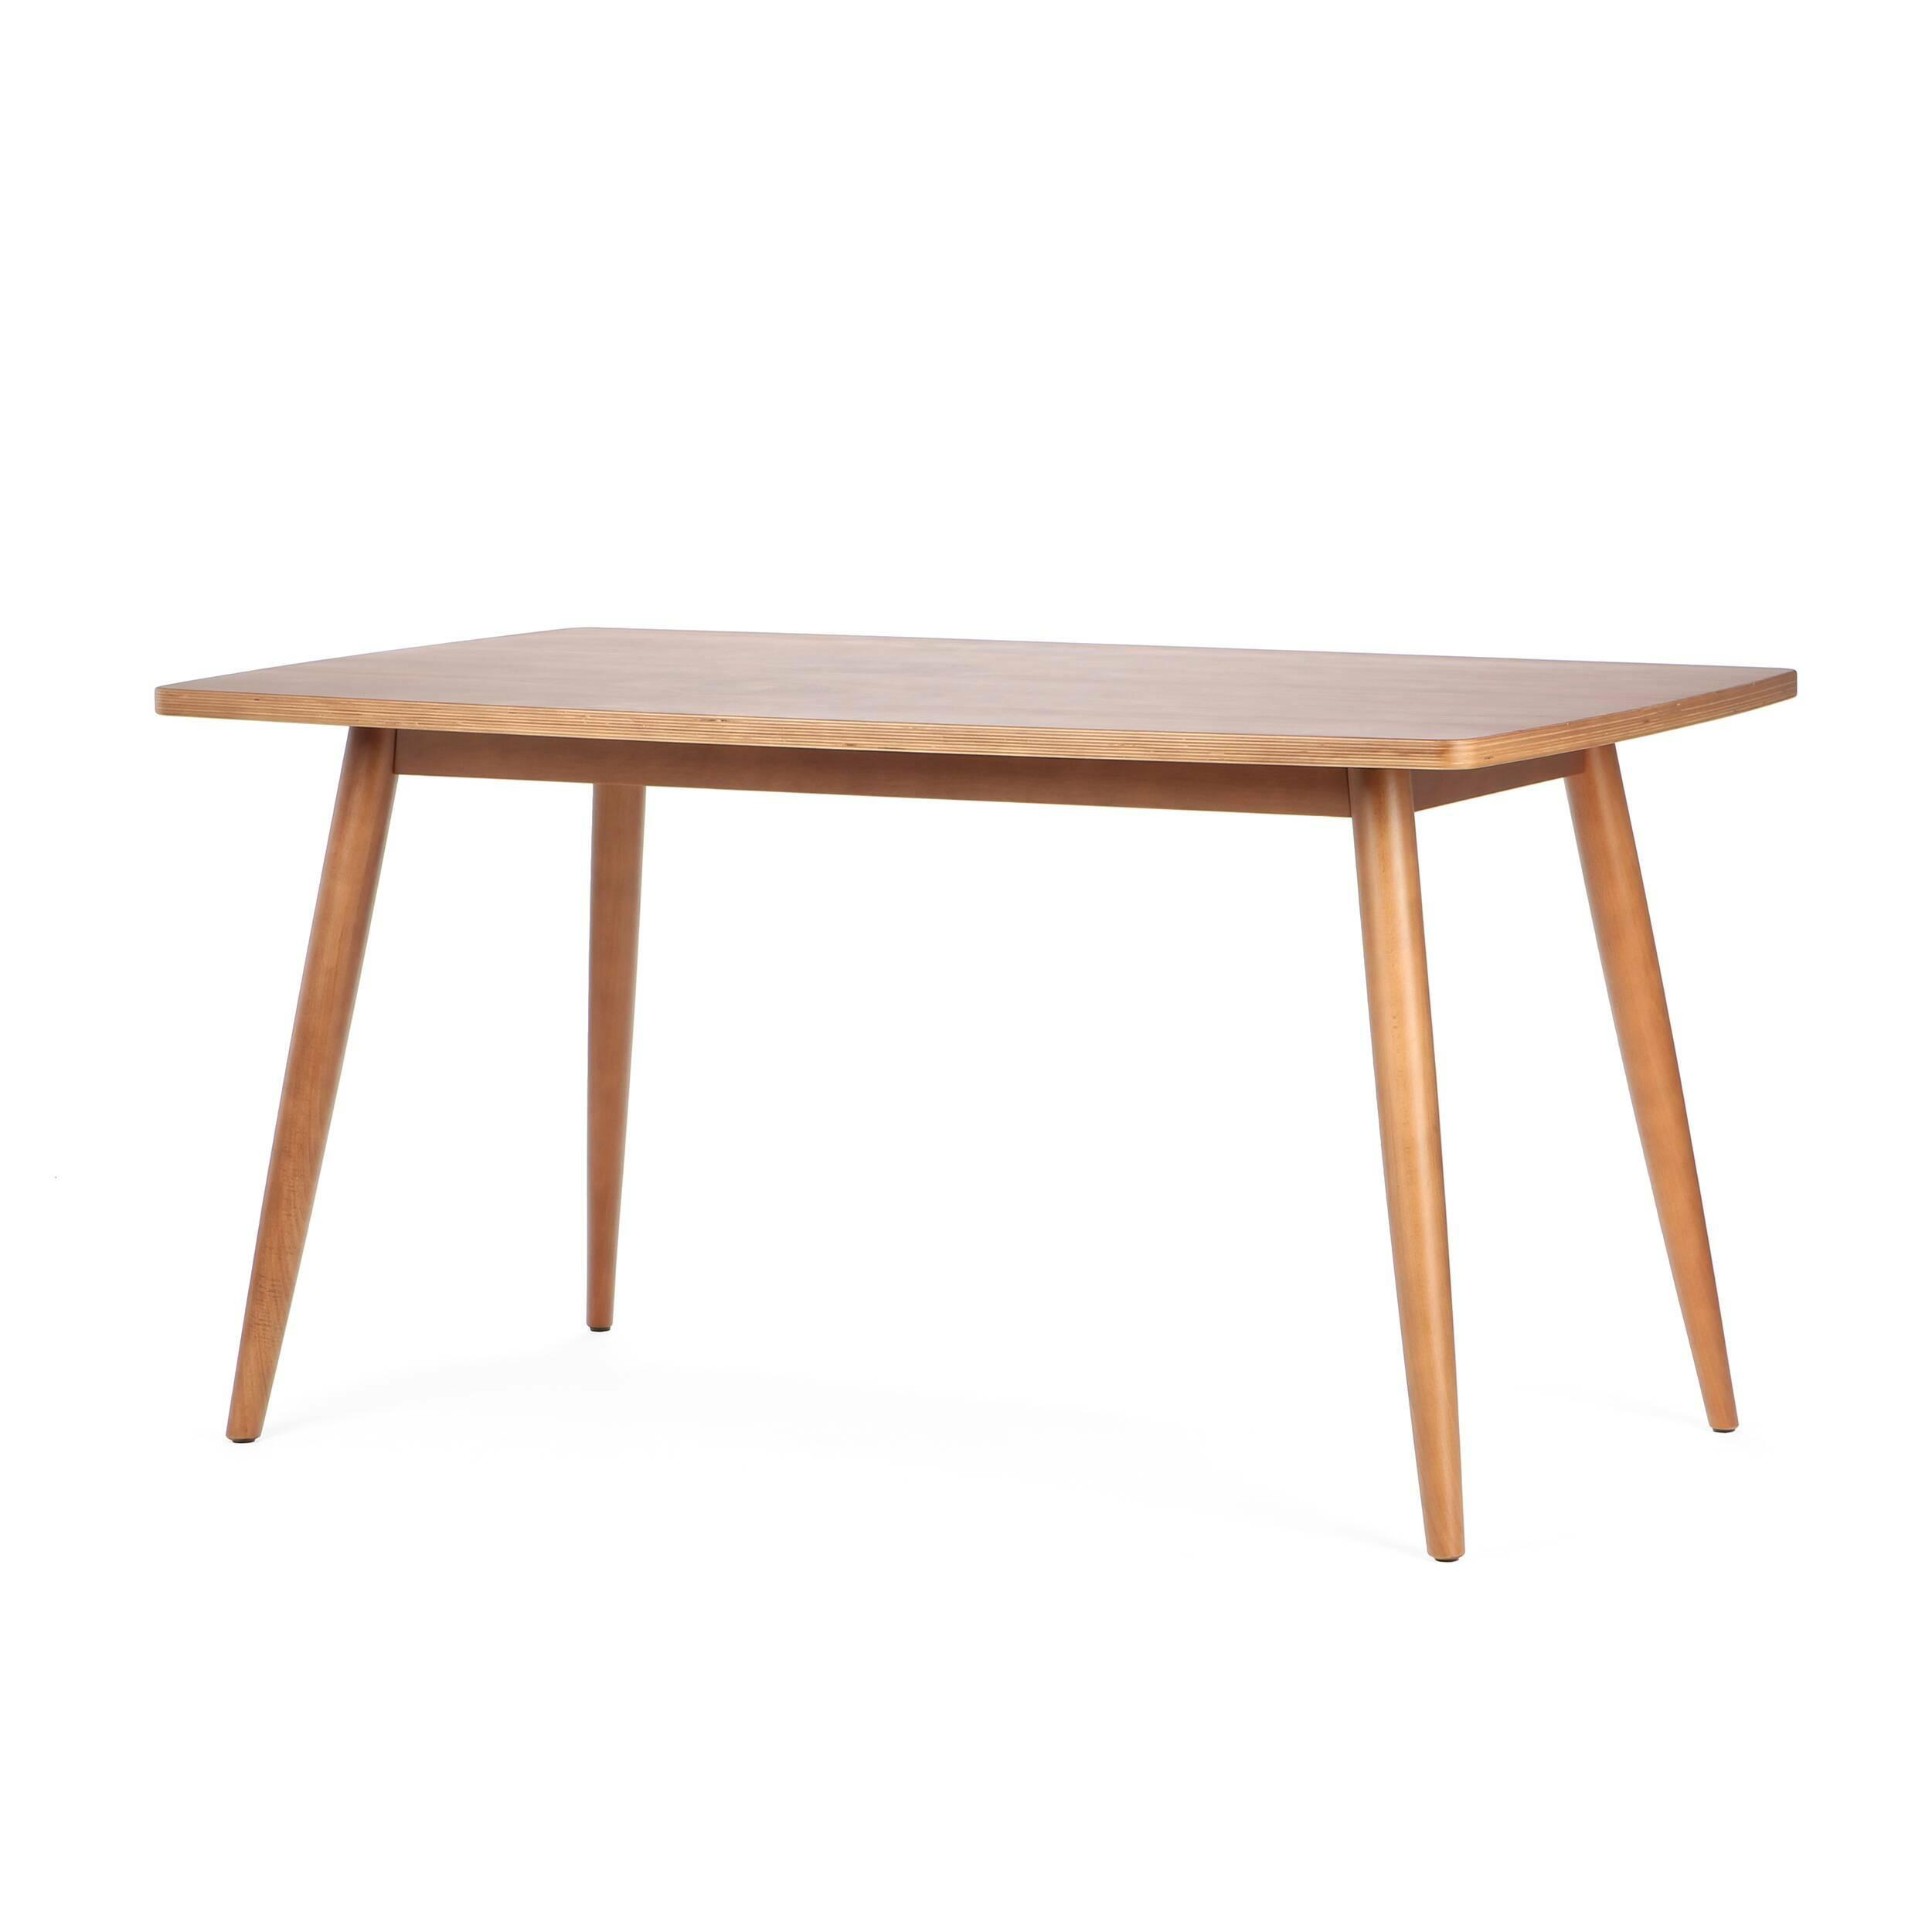 Обеденный стол Komoro купить в интернет-магазине дизайнерской мебели Cosmorelax.Ru